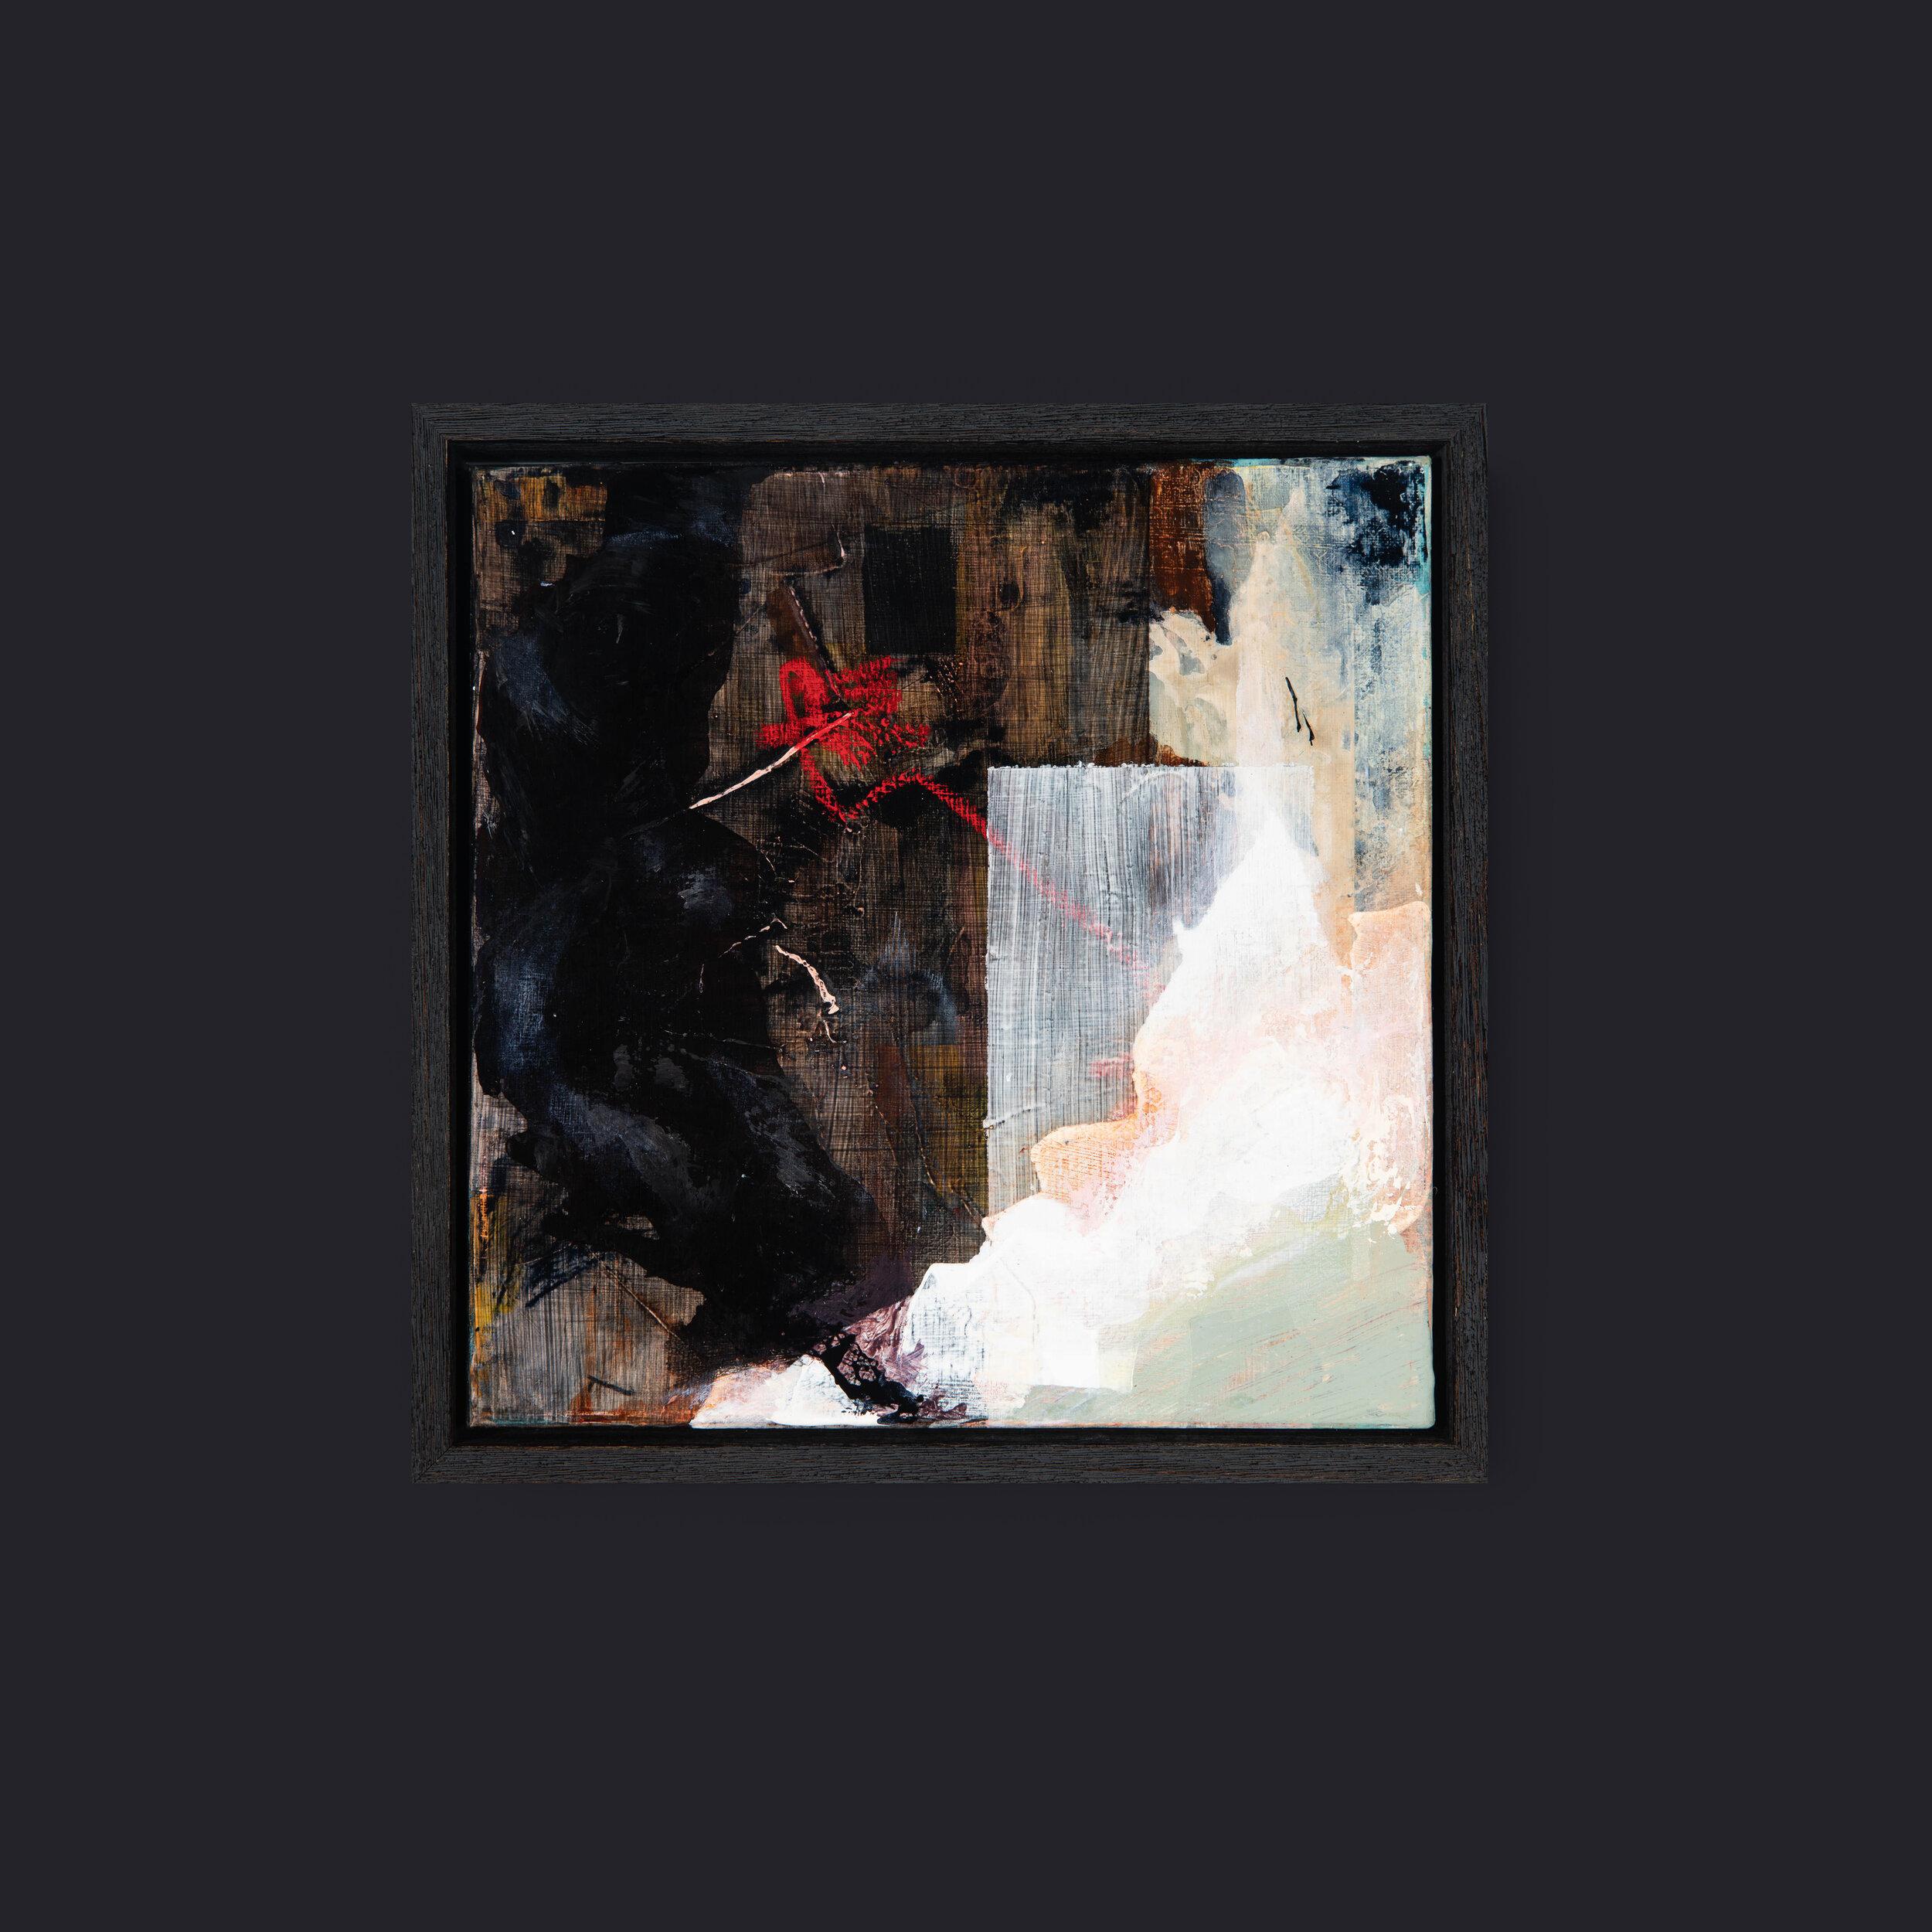 AngelaLicciardi__P1826_BetweenMemories_woodframe_charcoal_dark.jpg